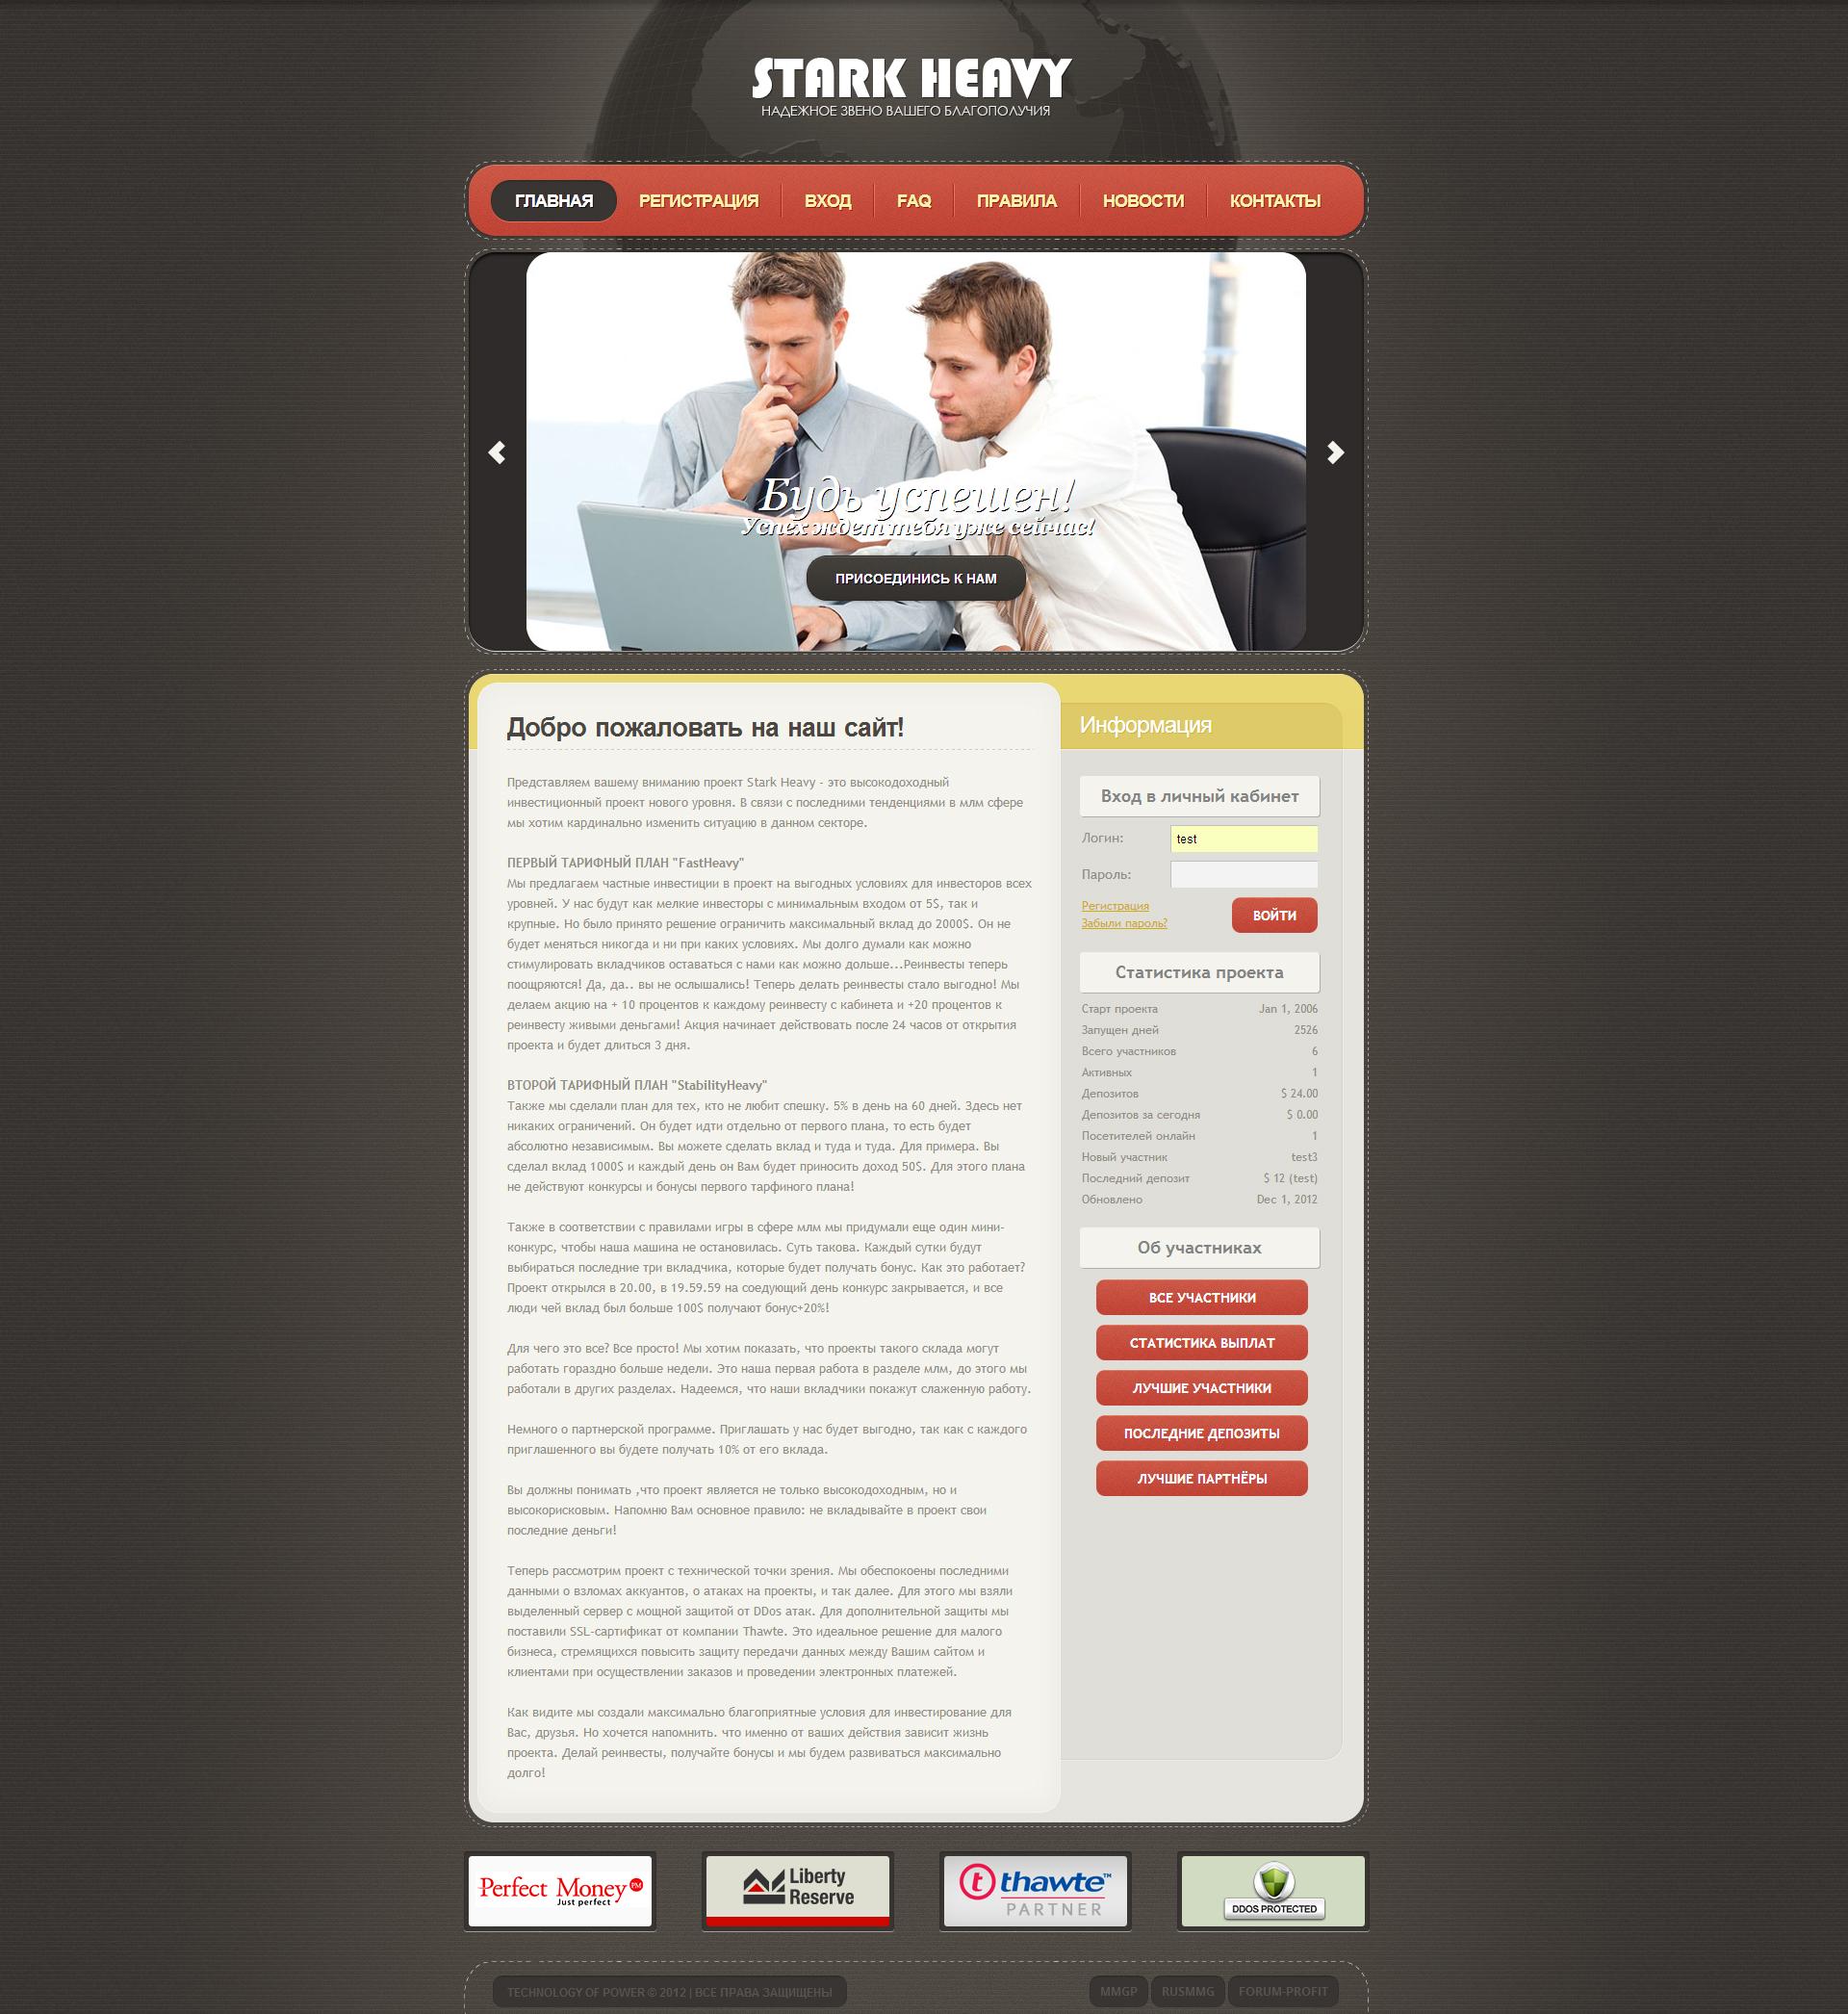 кроссбраузерная валидная верстка HTML5 CSS3